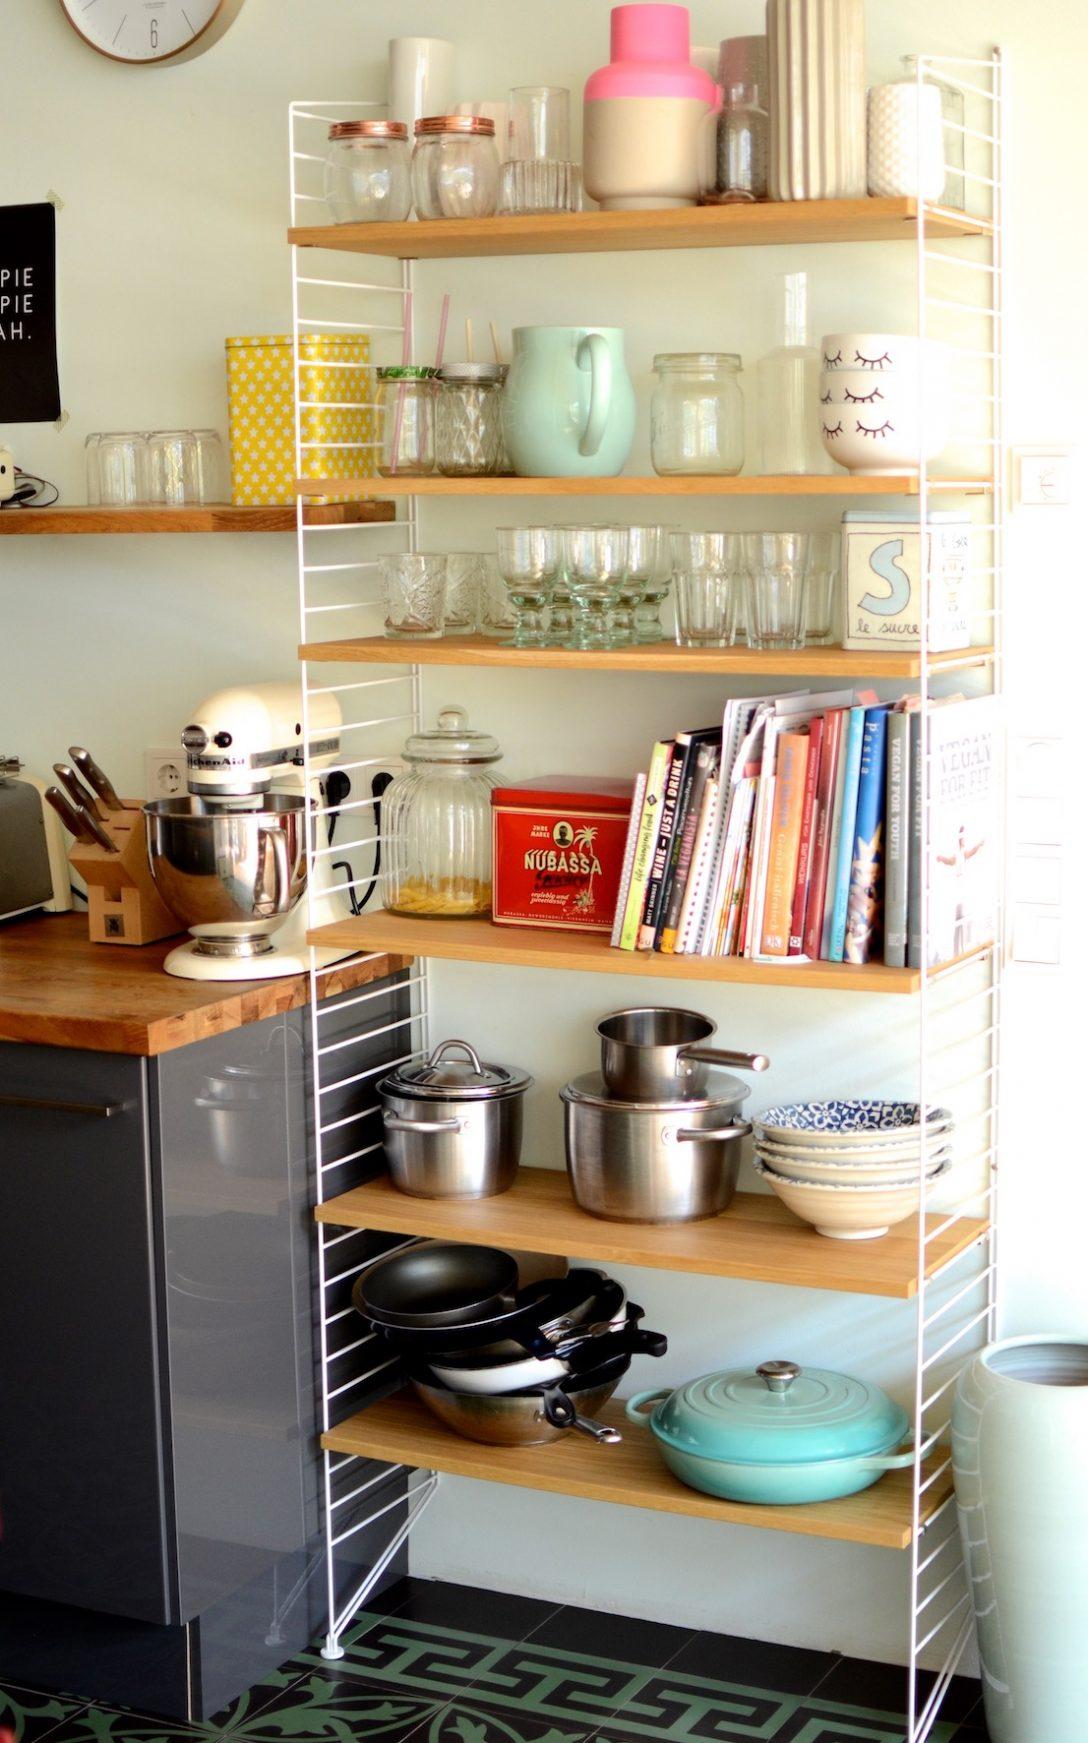 Full Size of Regal Kche Arbeitsplatte Ikea Metall Paletten Miniküche Modulküche Betten Bei Küche Apothekerschrank 160x200 Kaufen Kosten Sofa Mit Schlaffunktion Wohnzimmer Apothekerschrank Ikea